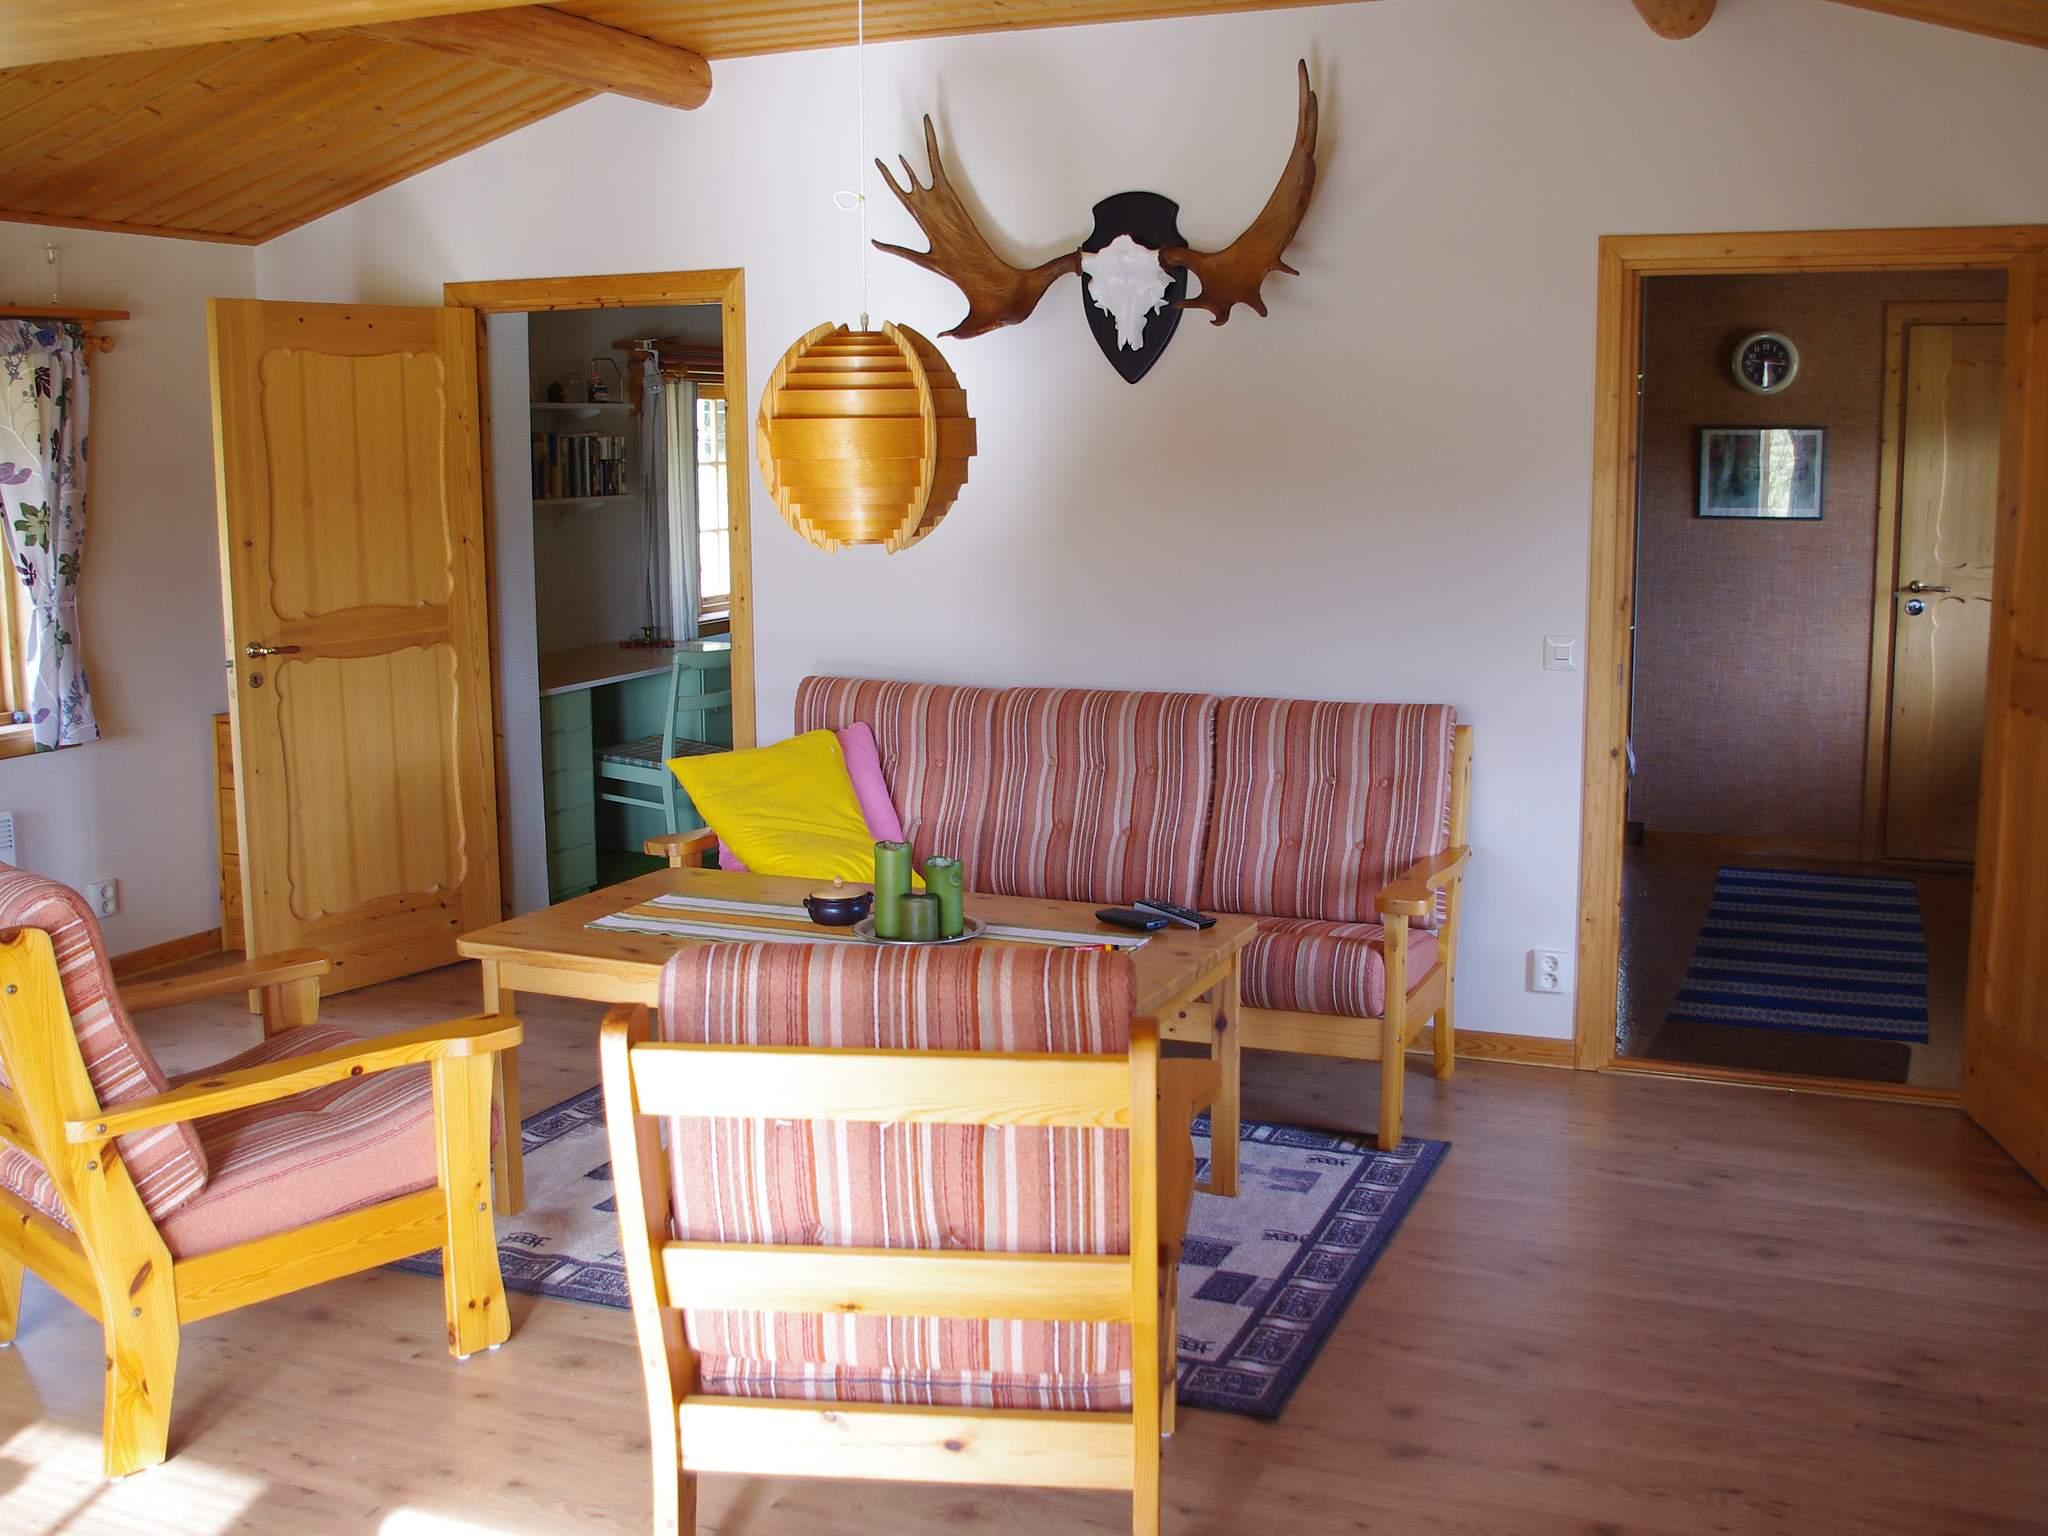 Ferienhaus Lekvattnet (87160), Torsby, Värmlands län, Mittelschweden, Schweden, Bild 3